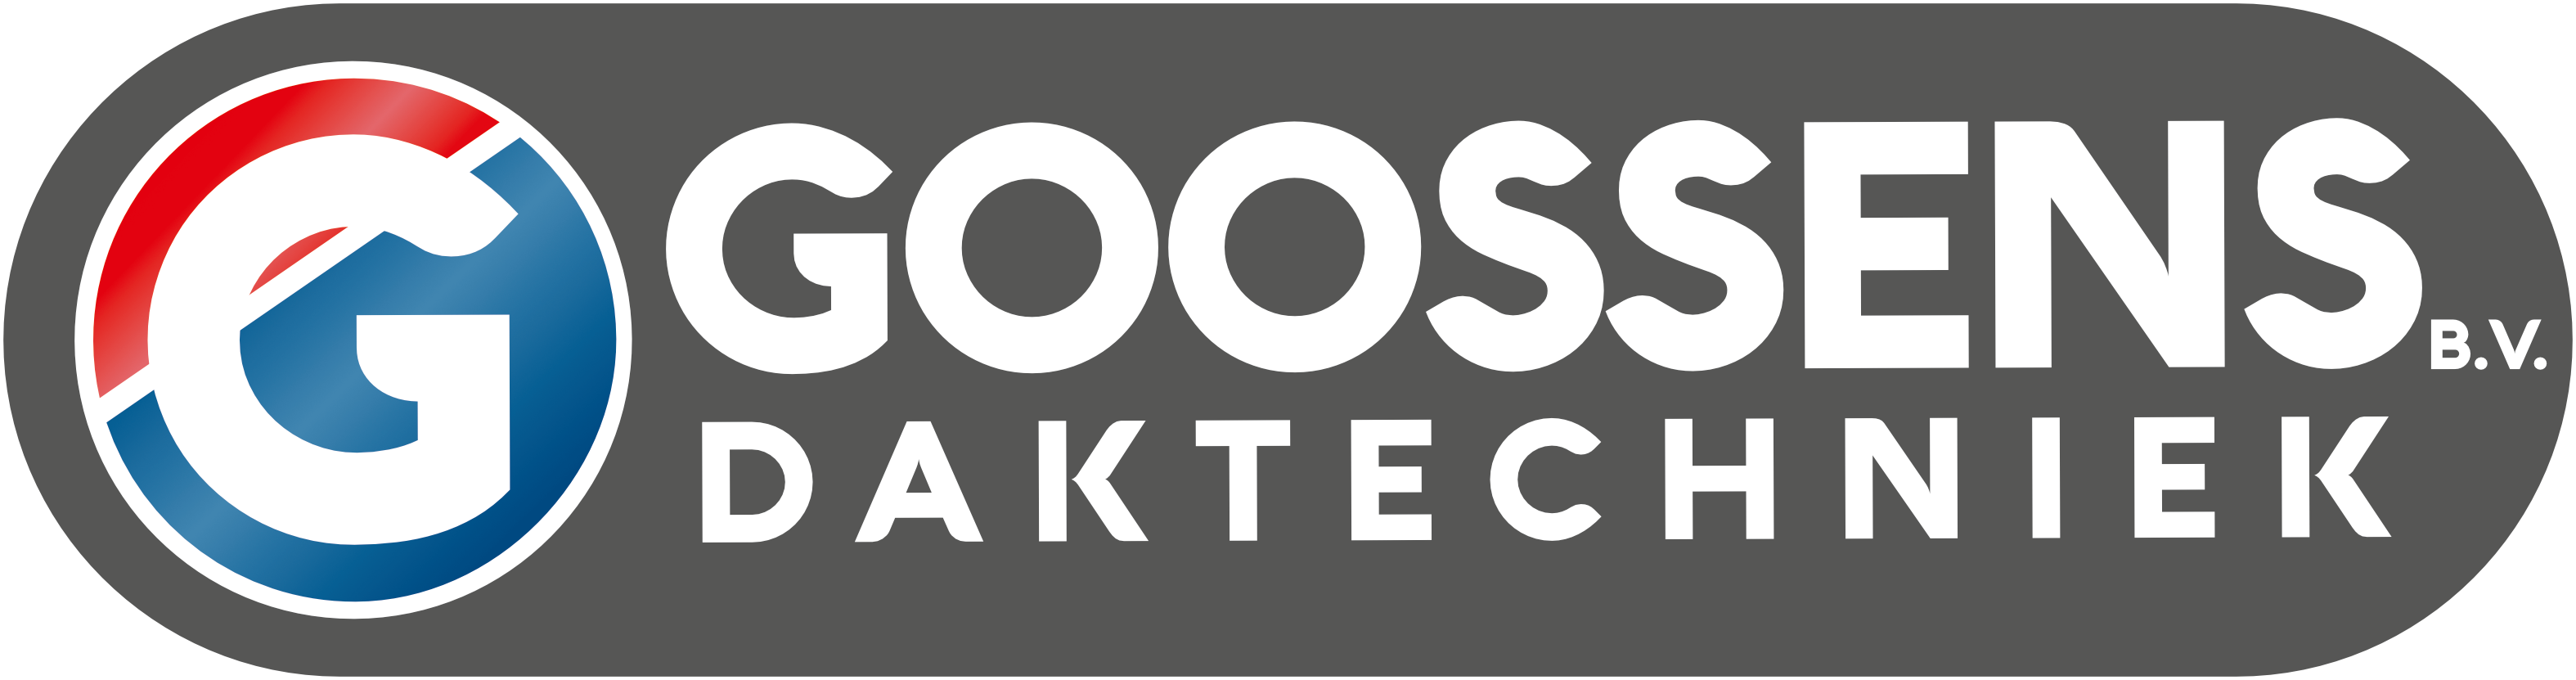 Goossens Daktechniek